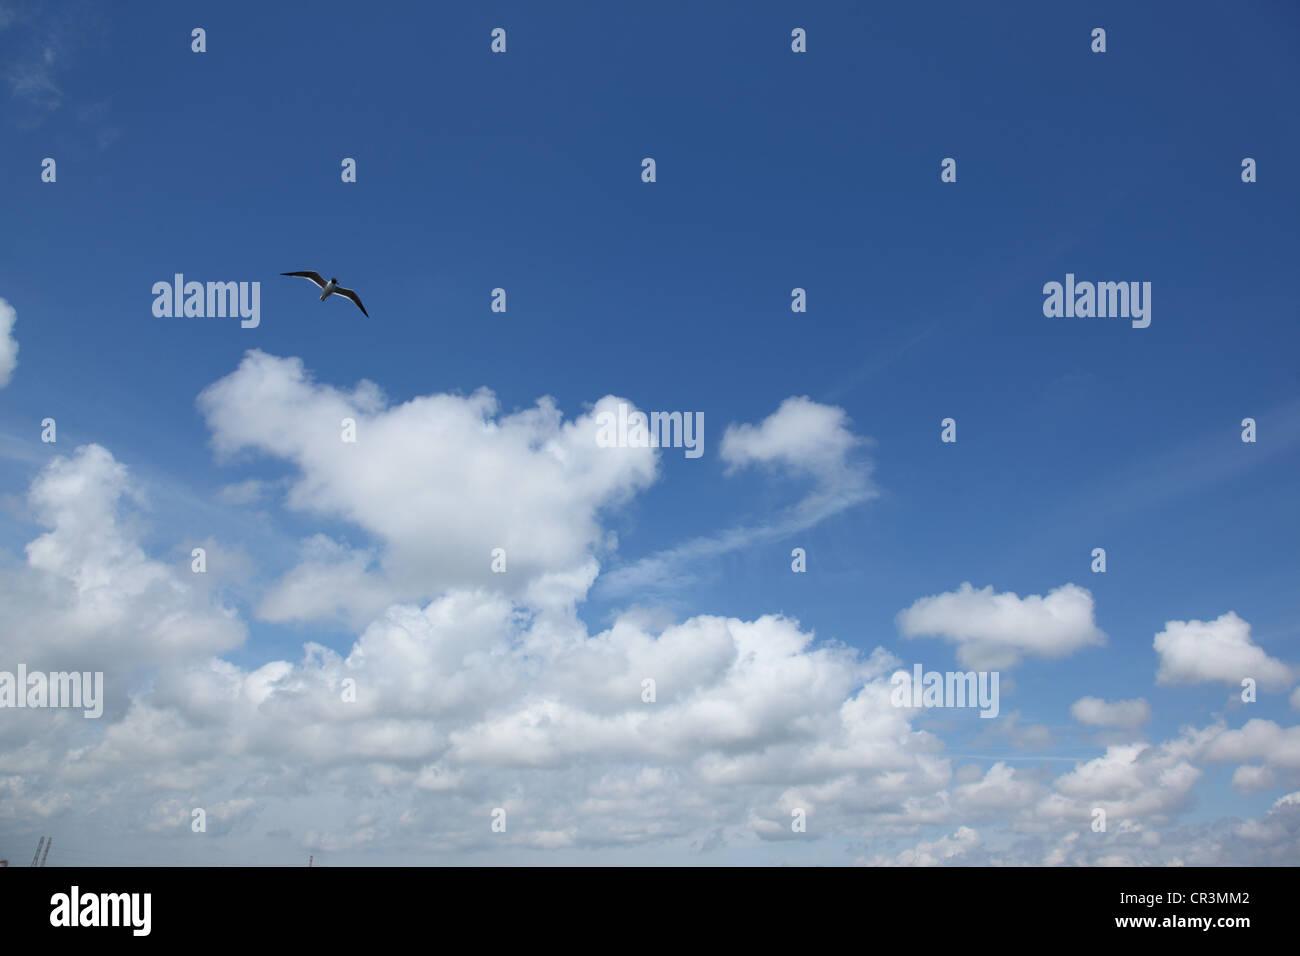 Möwen fliegen in den Himmel mit Wolken Stockbild